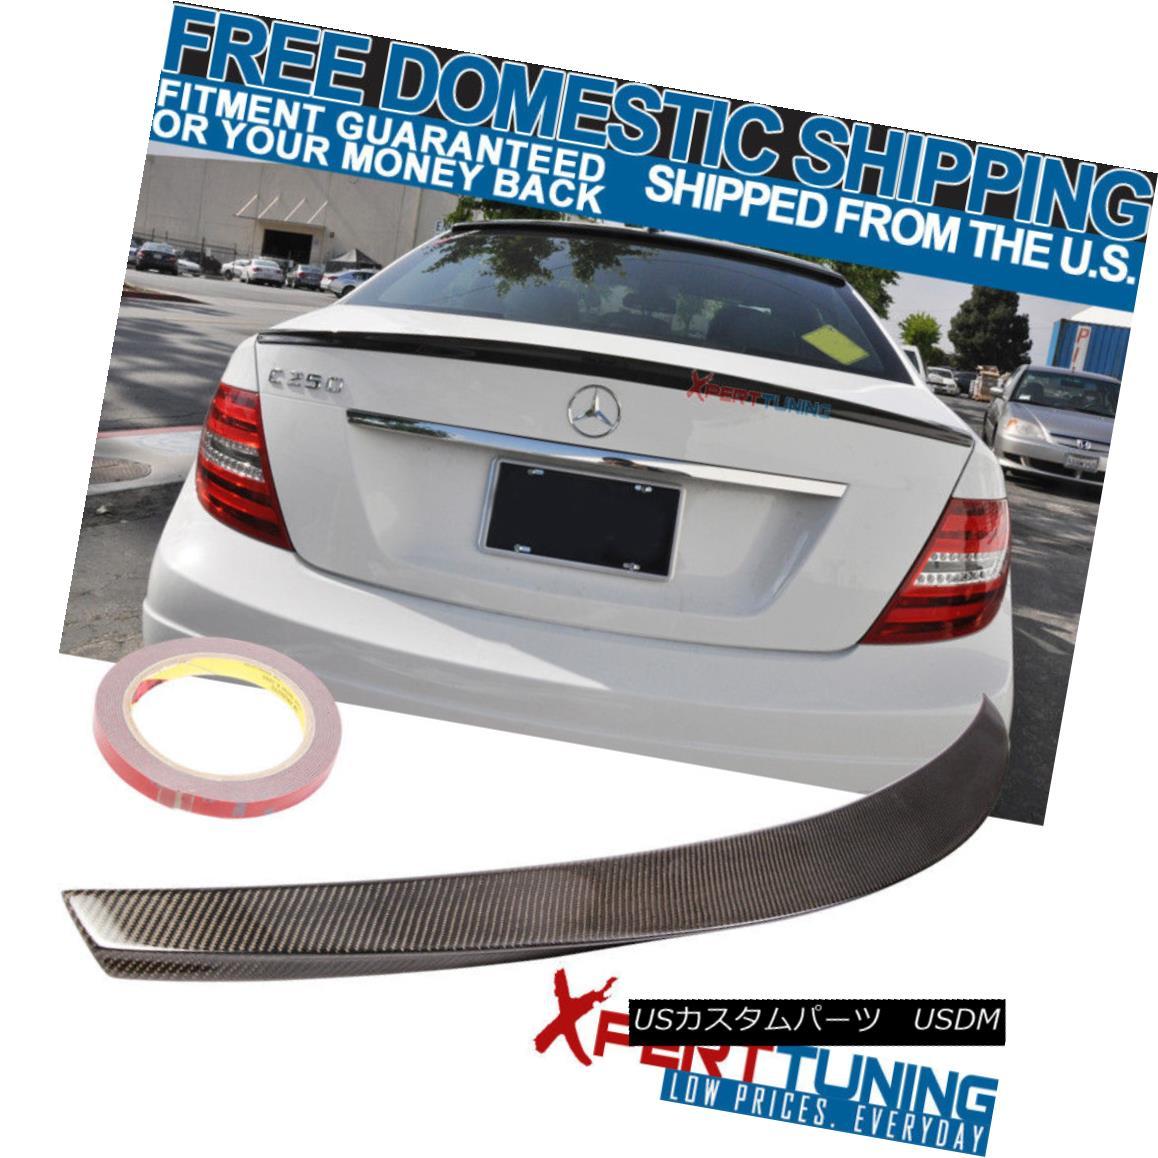 エアロパーツ 08 09 10 11 12 13 14 Benz C-Class W204 D Trunk Spoiler - Carbon Fiber CF 08 09 10 11 12 13 14ベンツCクラスW204 Dトランク・スポイラー - 炭素繊維CF